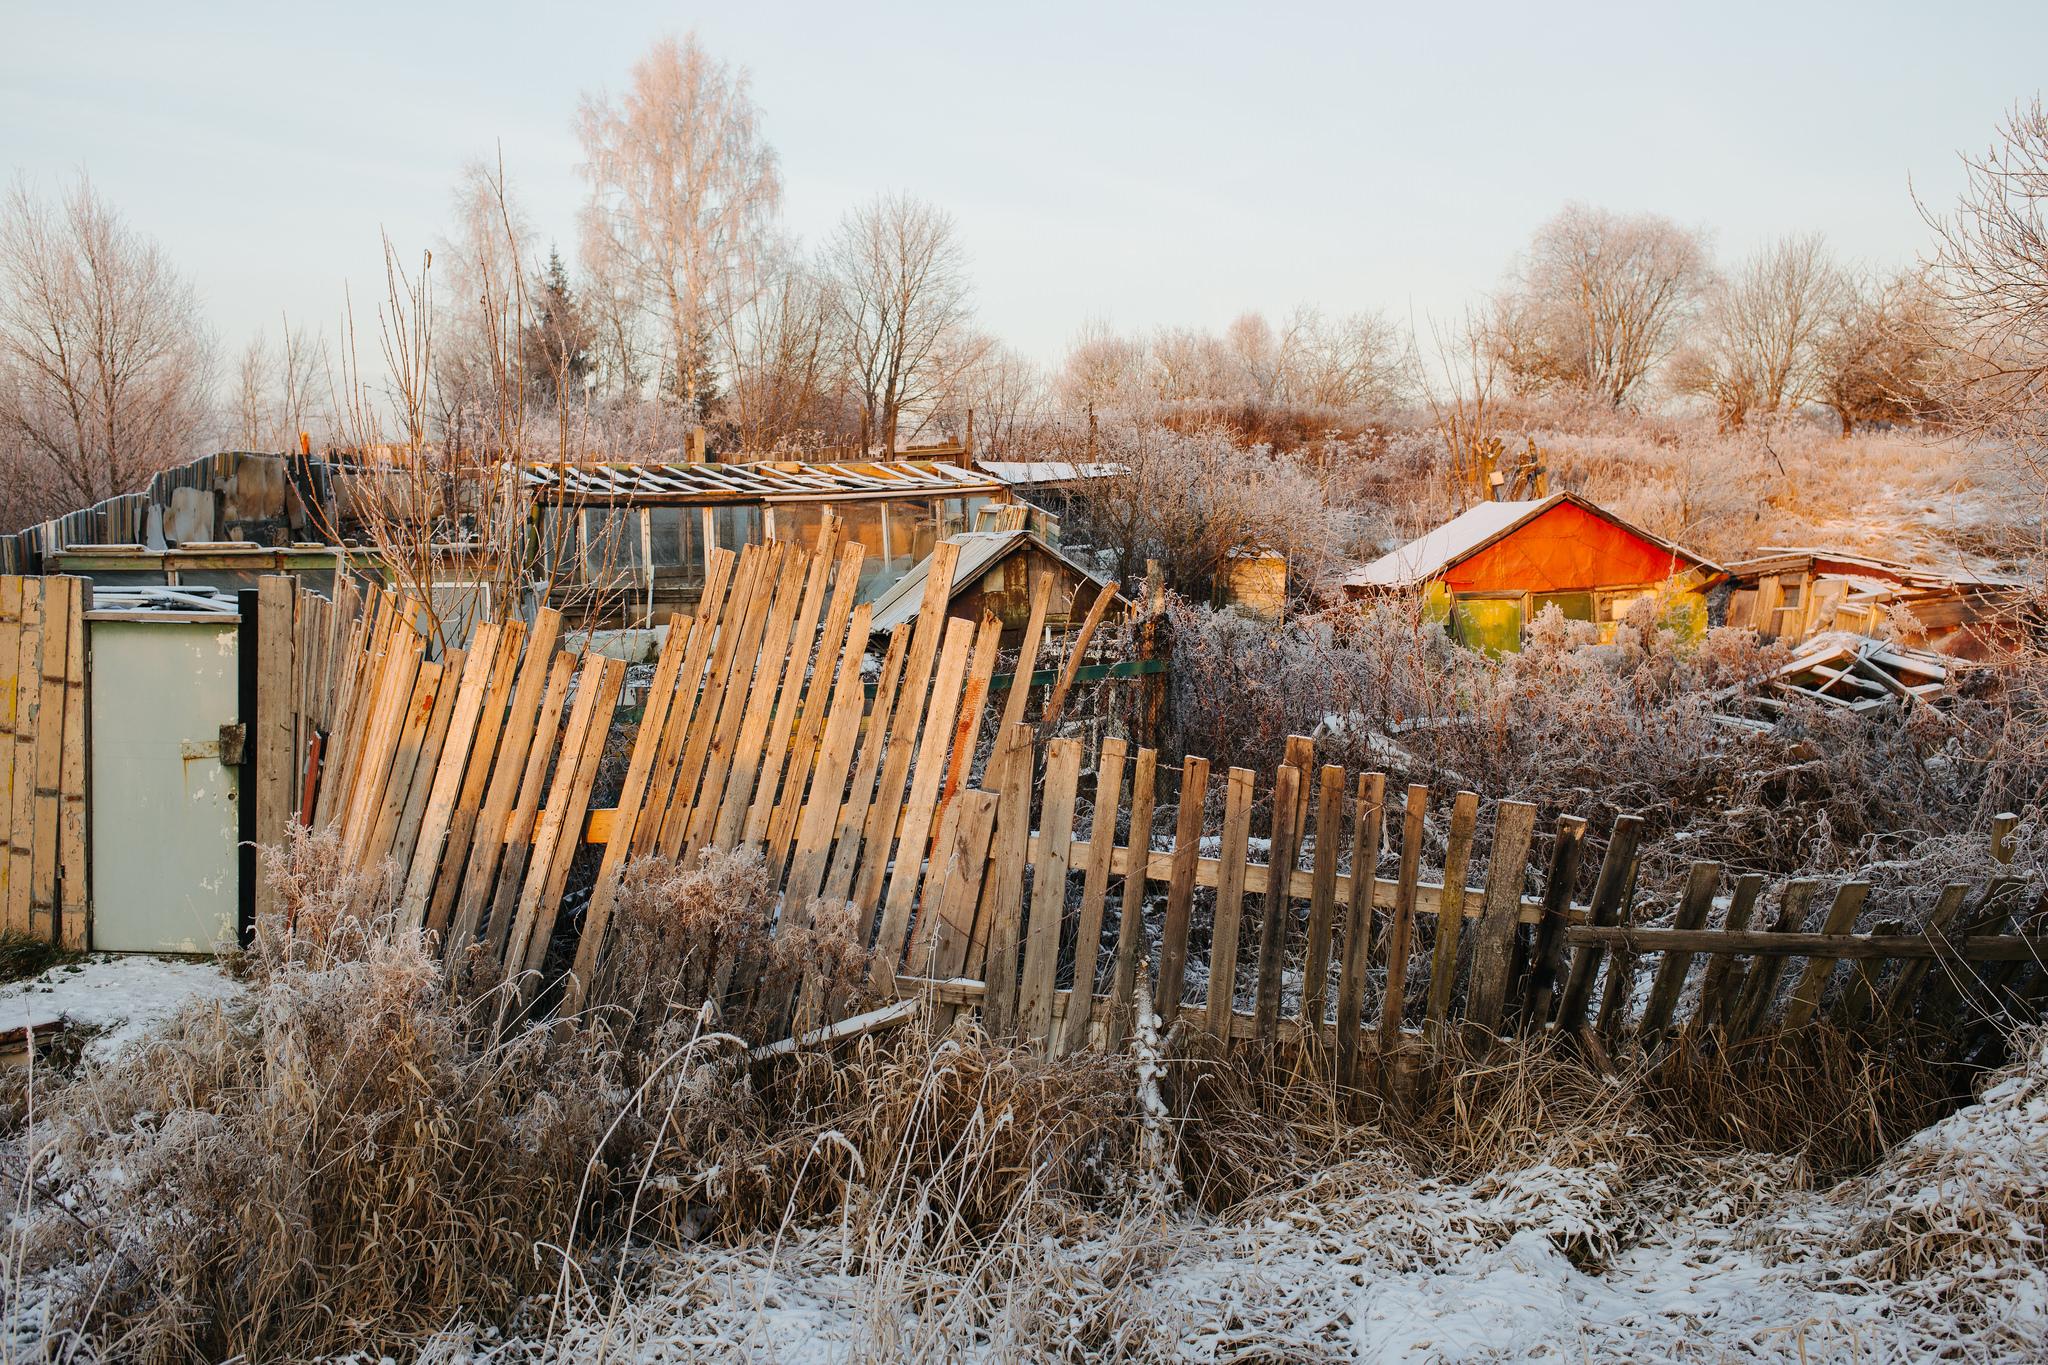 Jaamamõisa, Tartu, Estonia. December 2014.